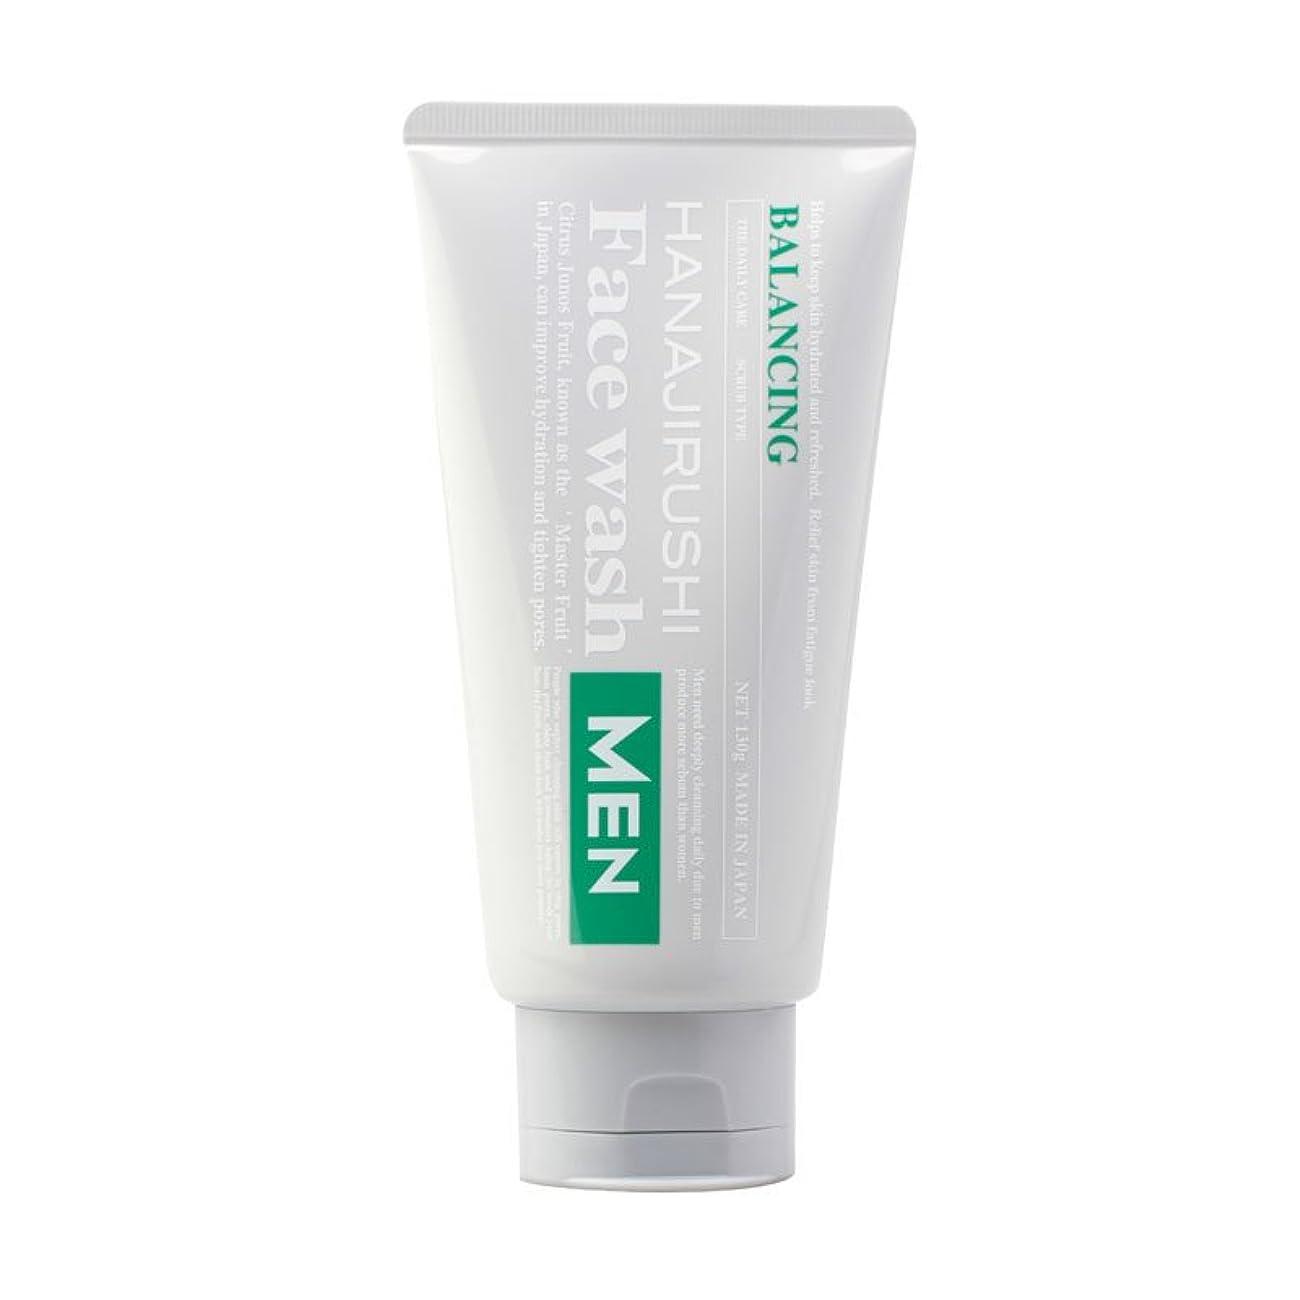 スクラップブックオゾンヒューム花印 メンズバランシング洗顔 (130g)